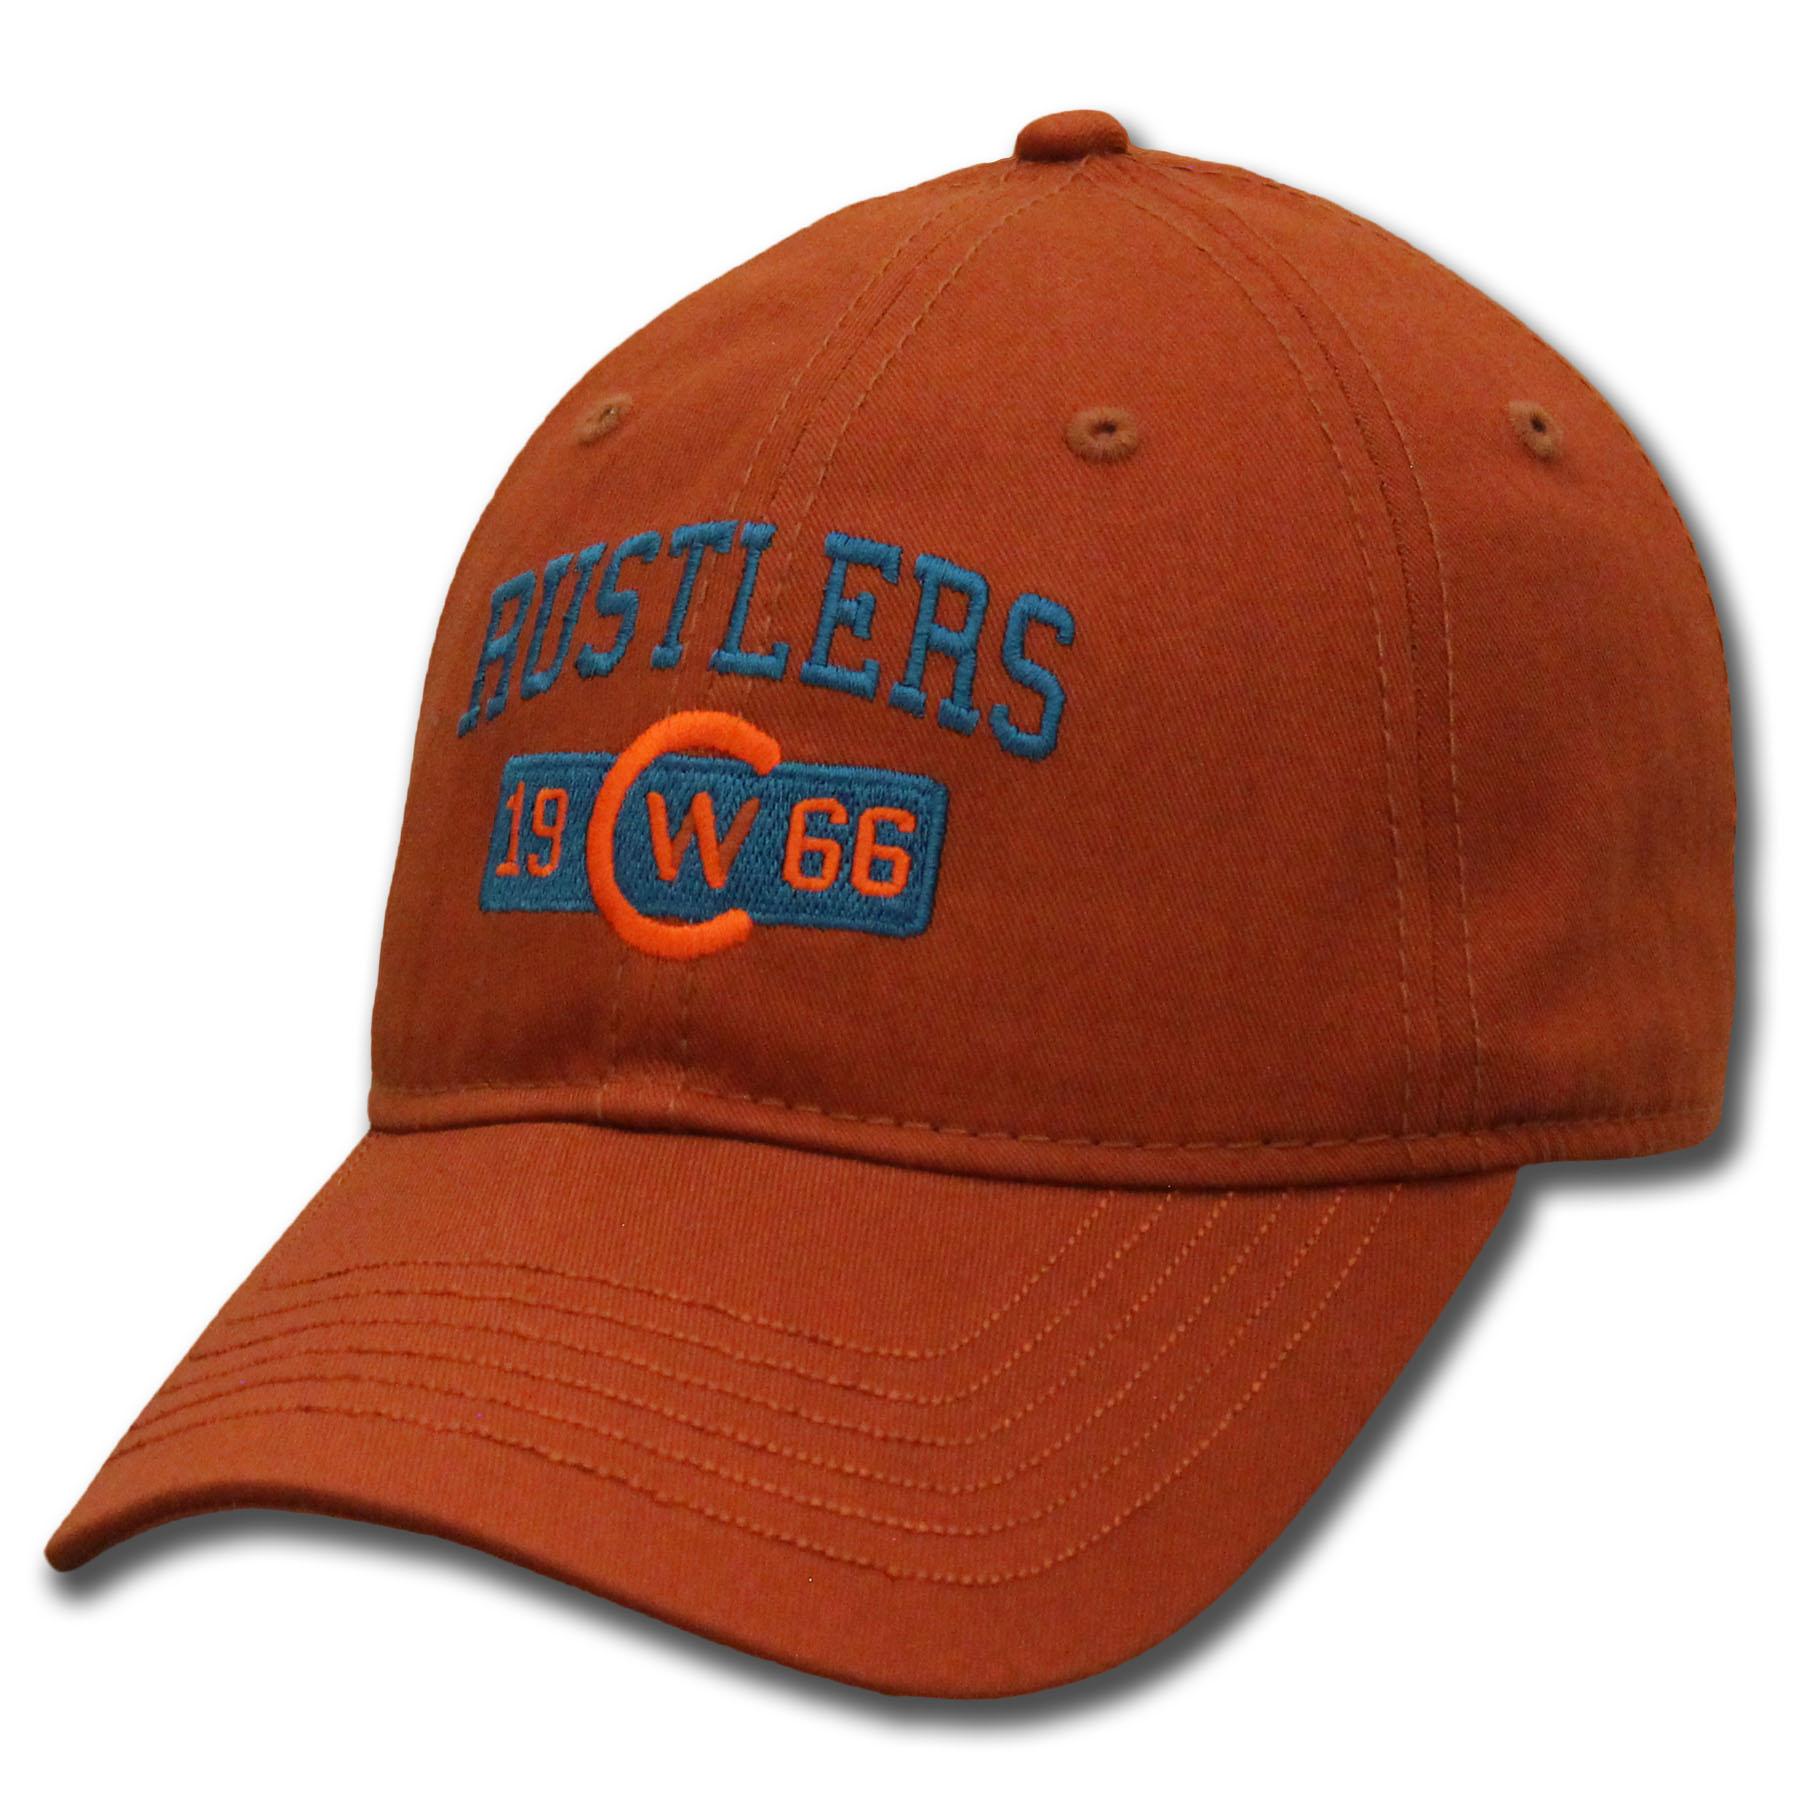 Rustlers 1966 Baseball Cap